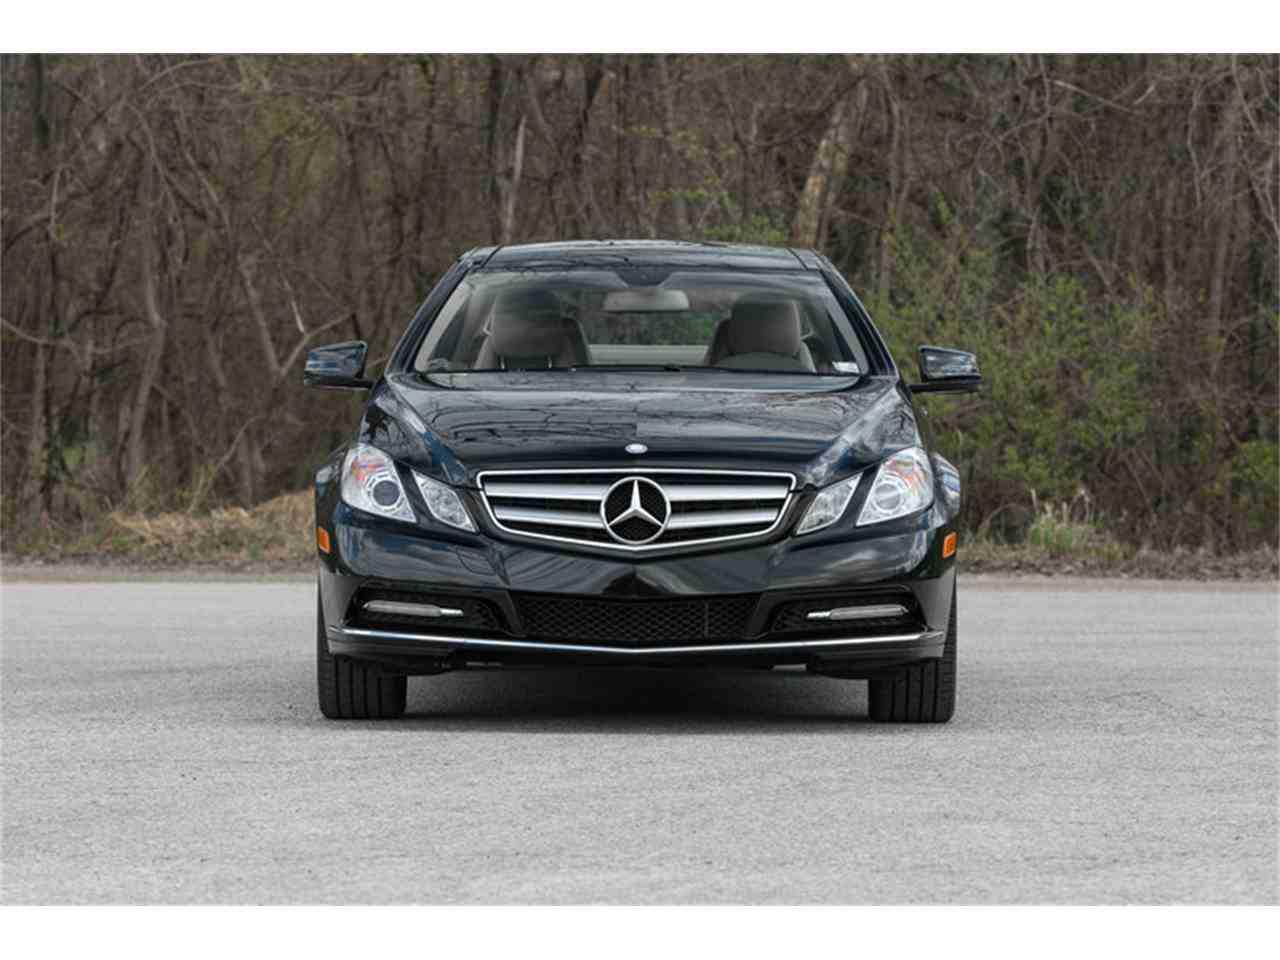 hight resolution of 2012 mercedes benz e350